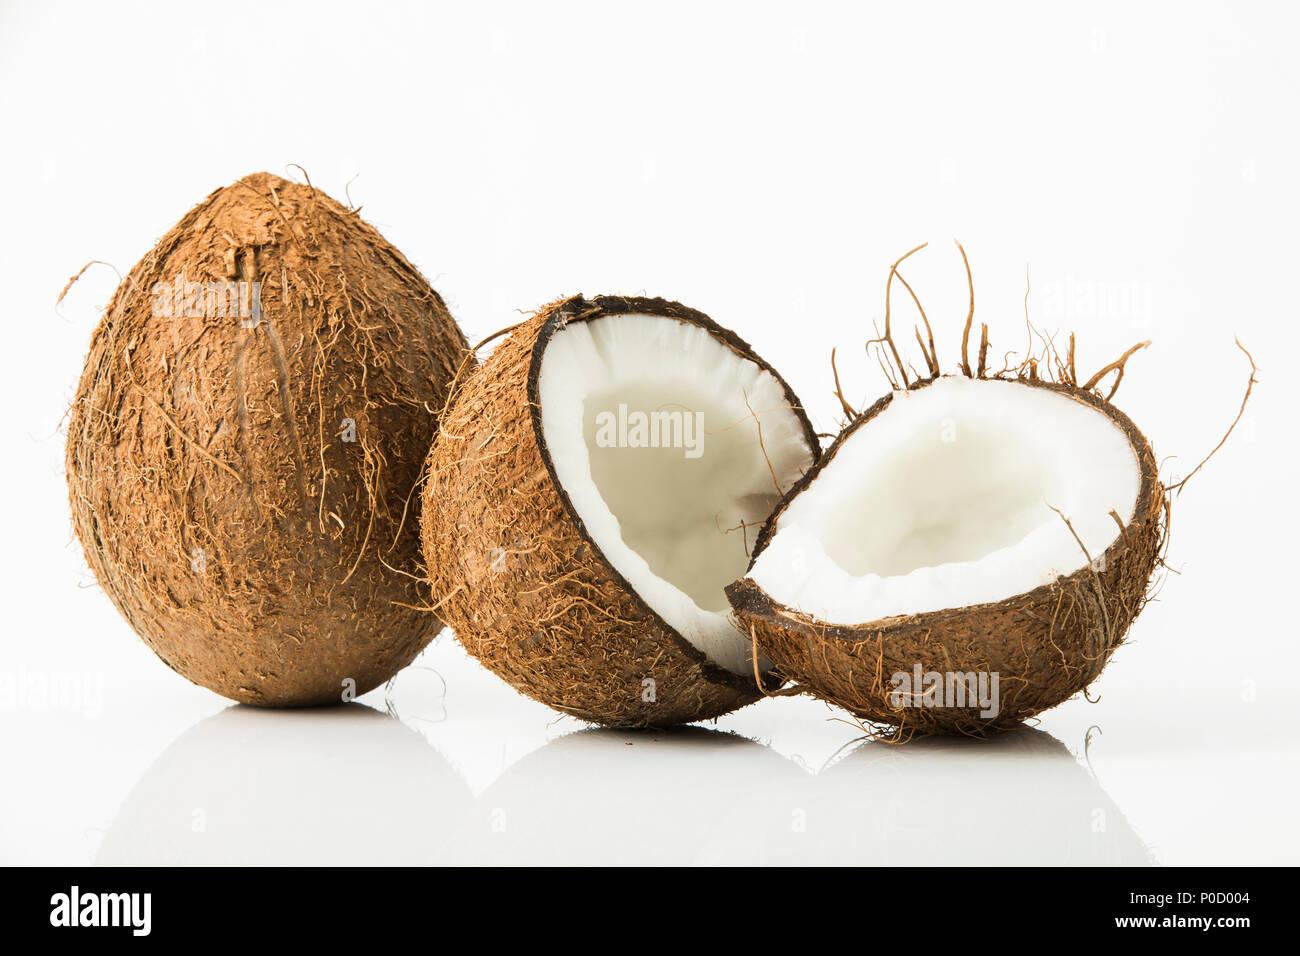 Kokosnüsse, Studio - Stock Image